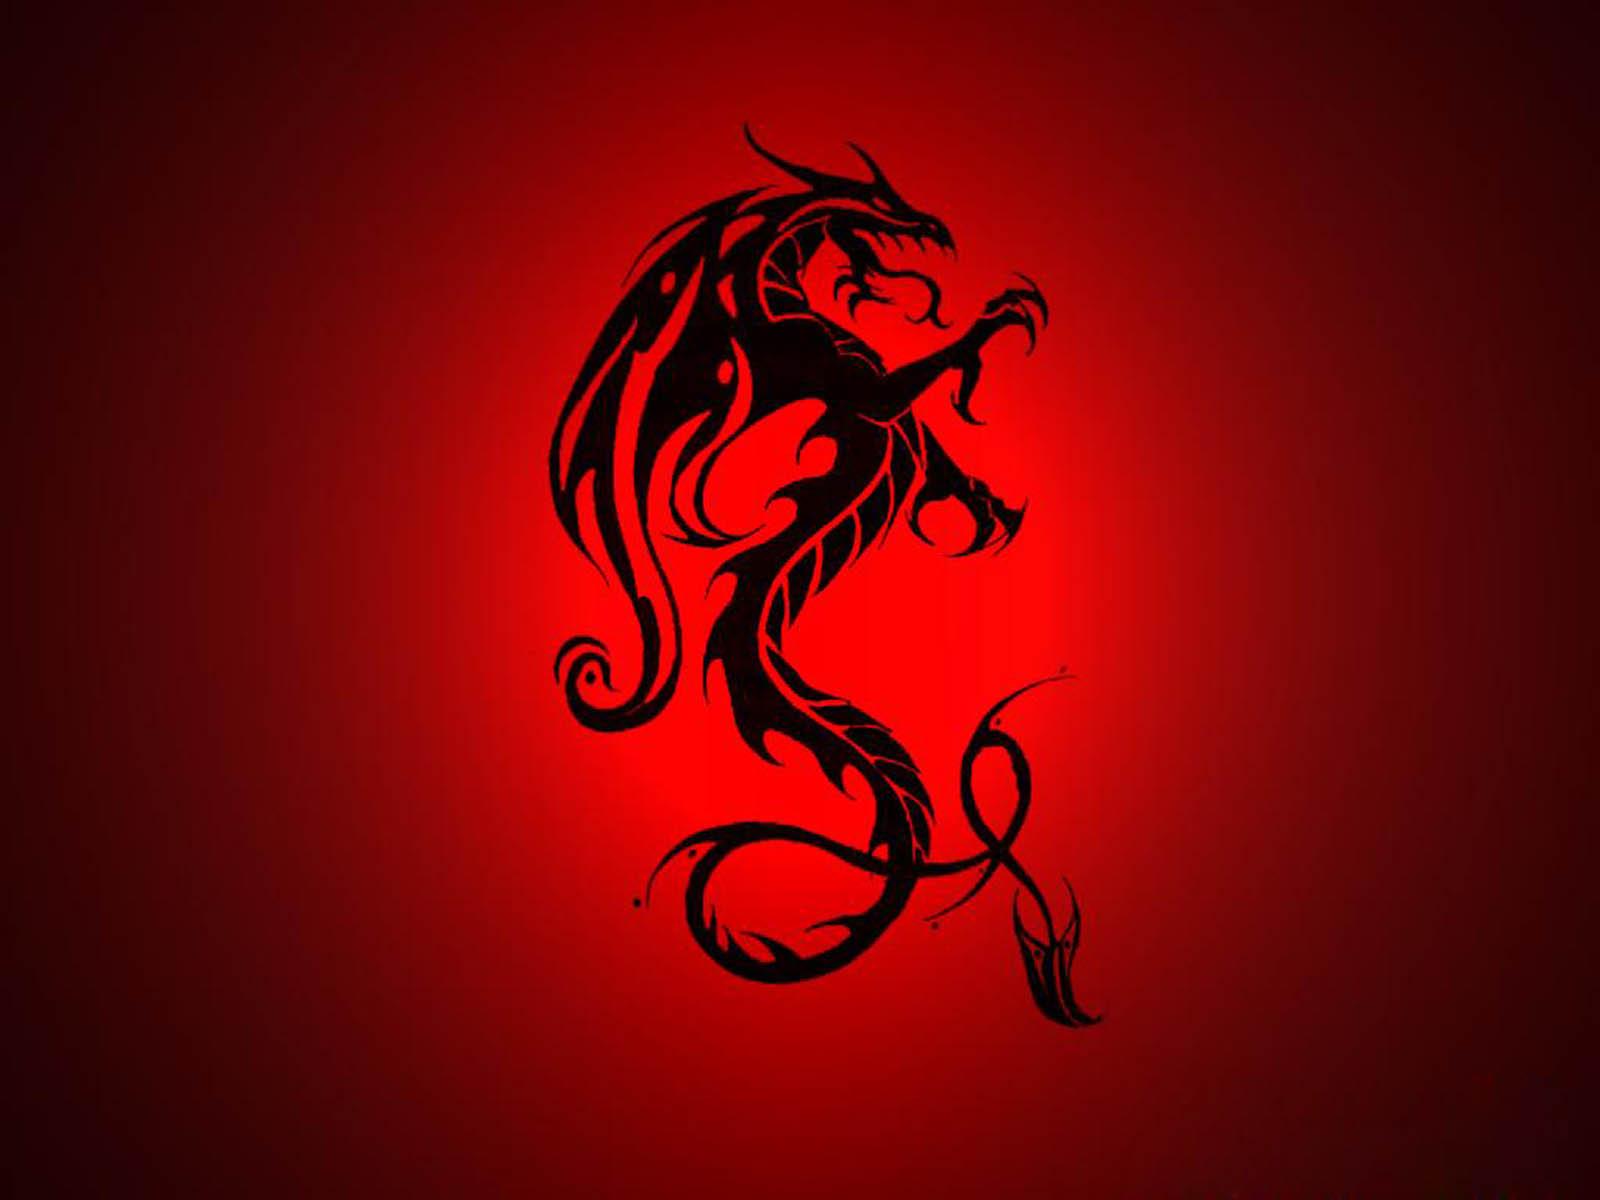 dragon tattoo hd wallpaper - photo #7